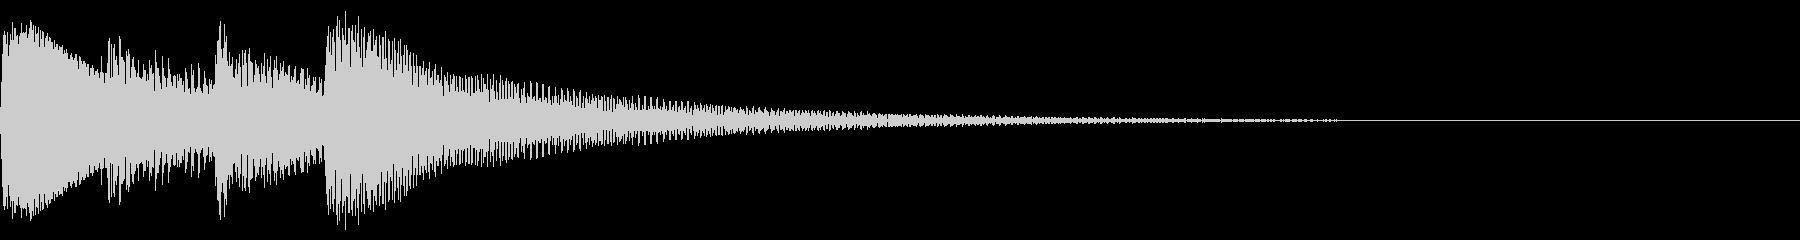 陽だまり アルペジオ ナイロンギターの未再生の波形